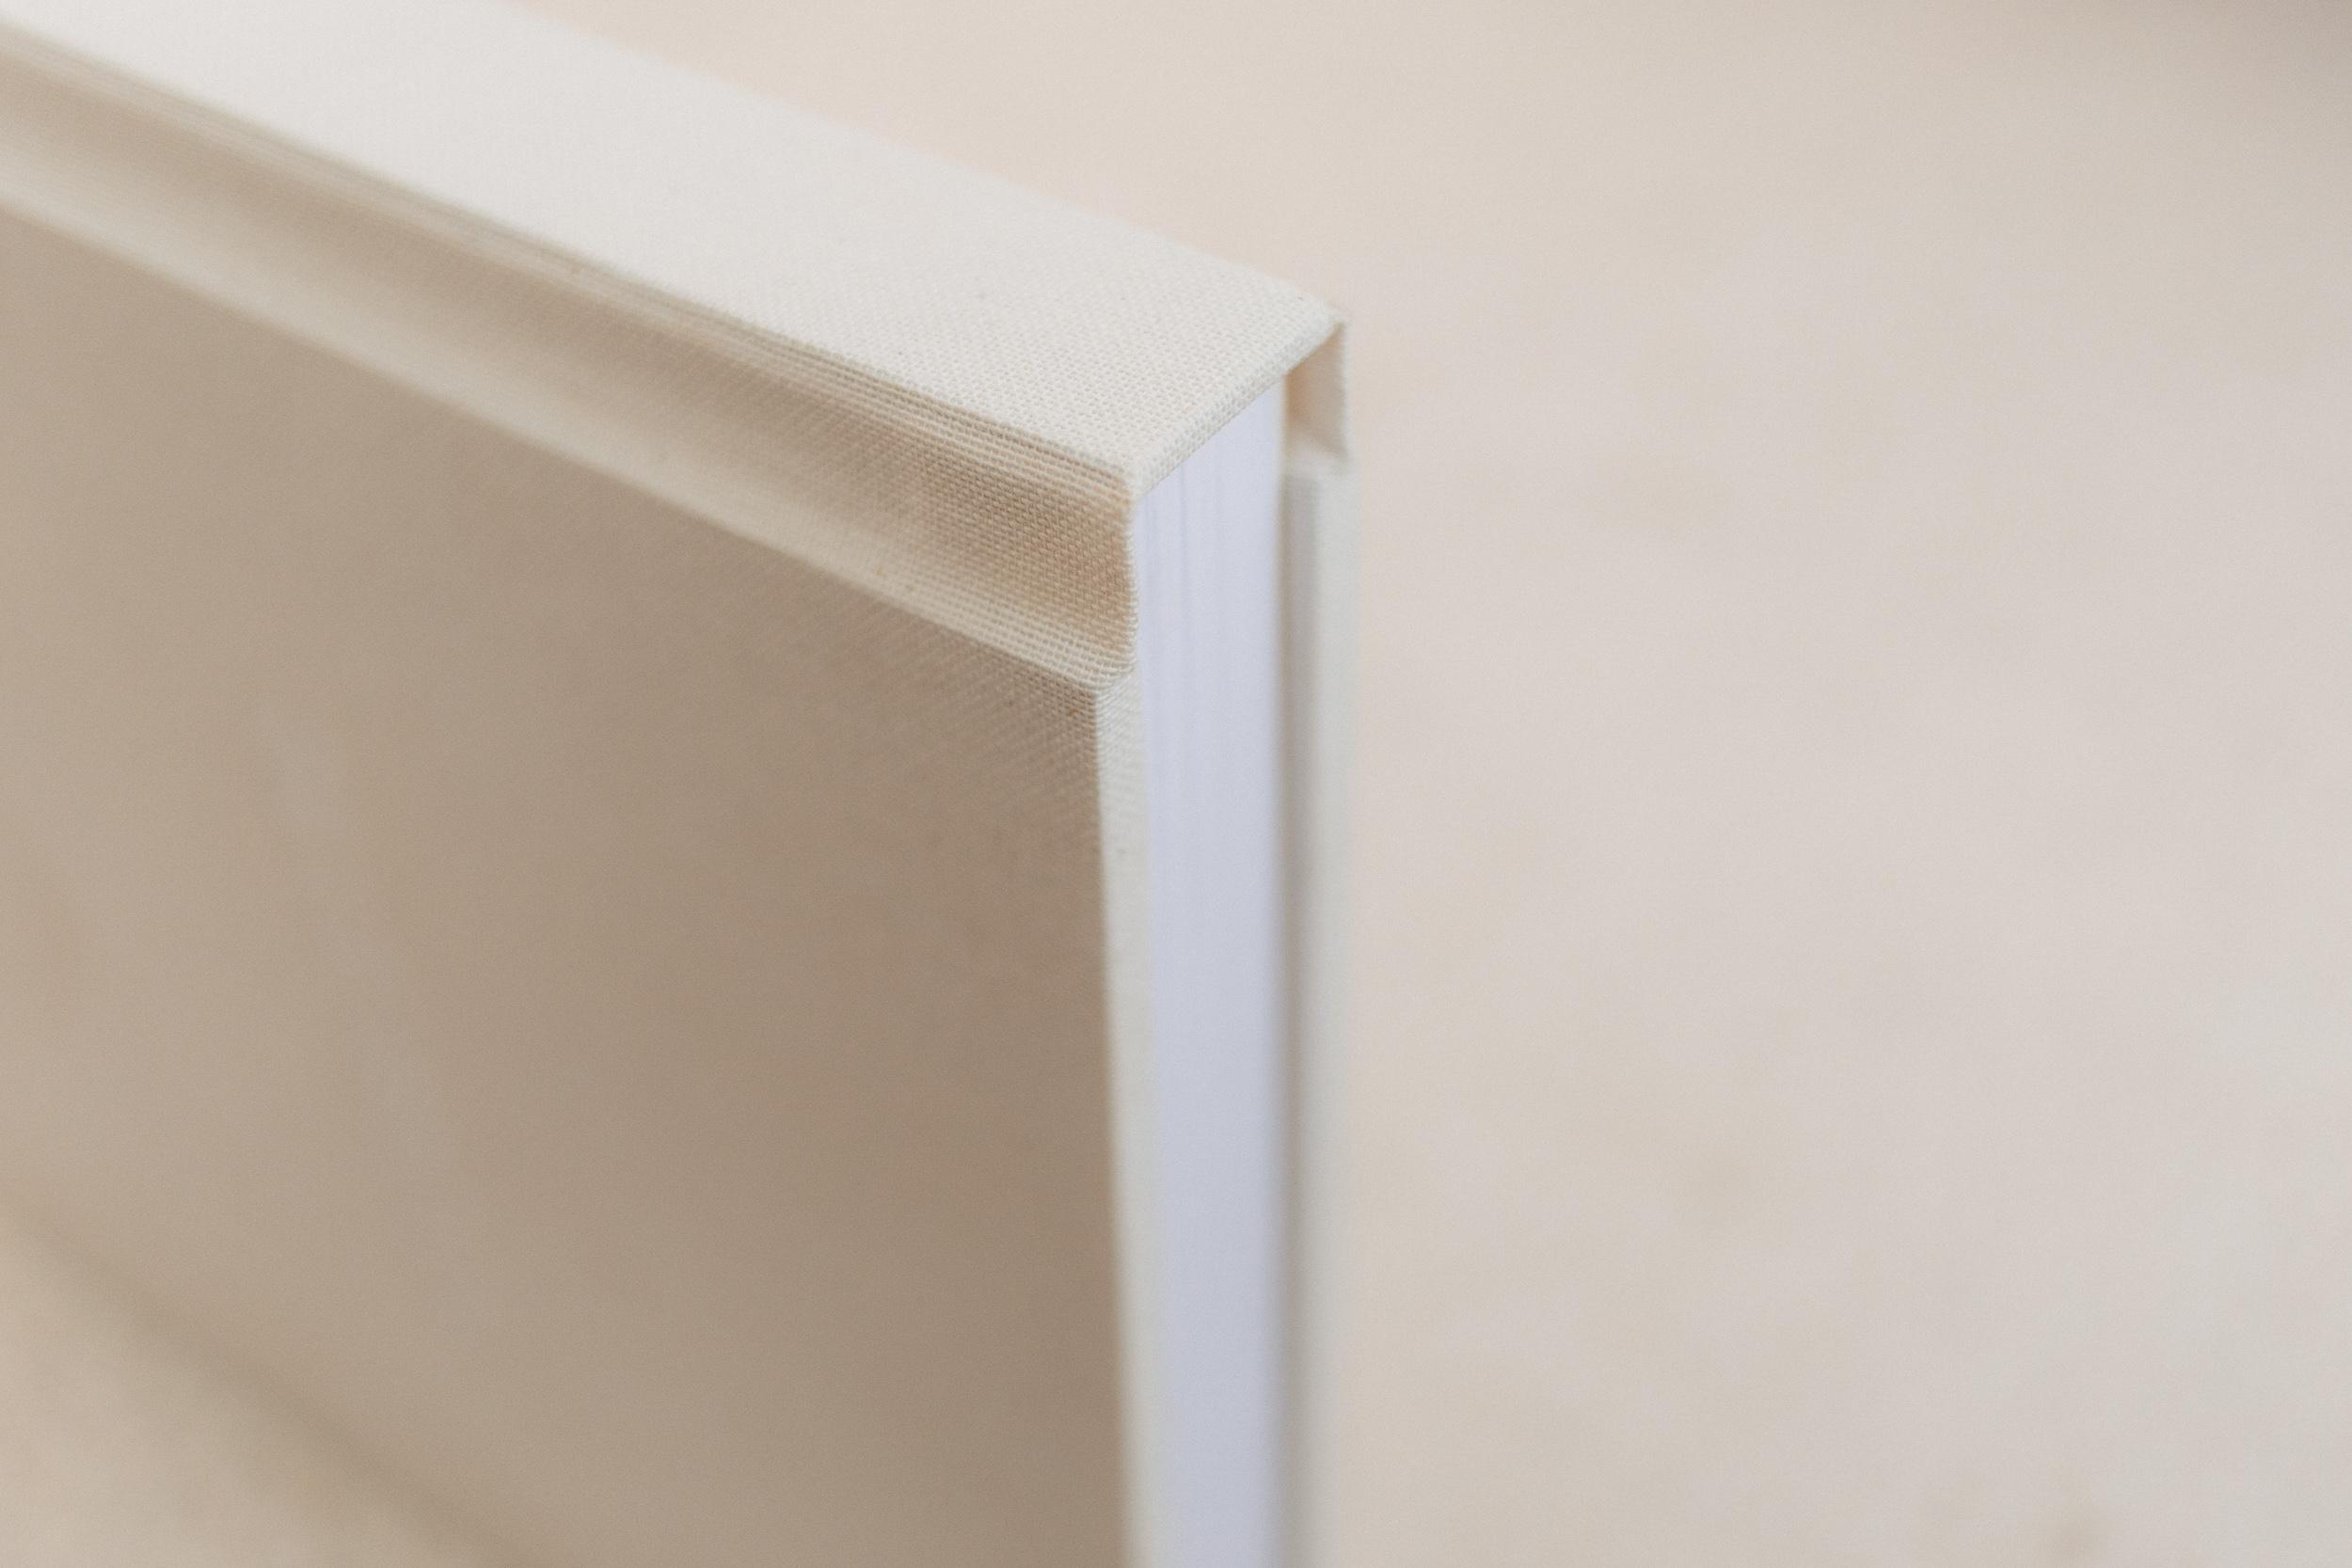 Linen album example-3.jpg